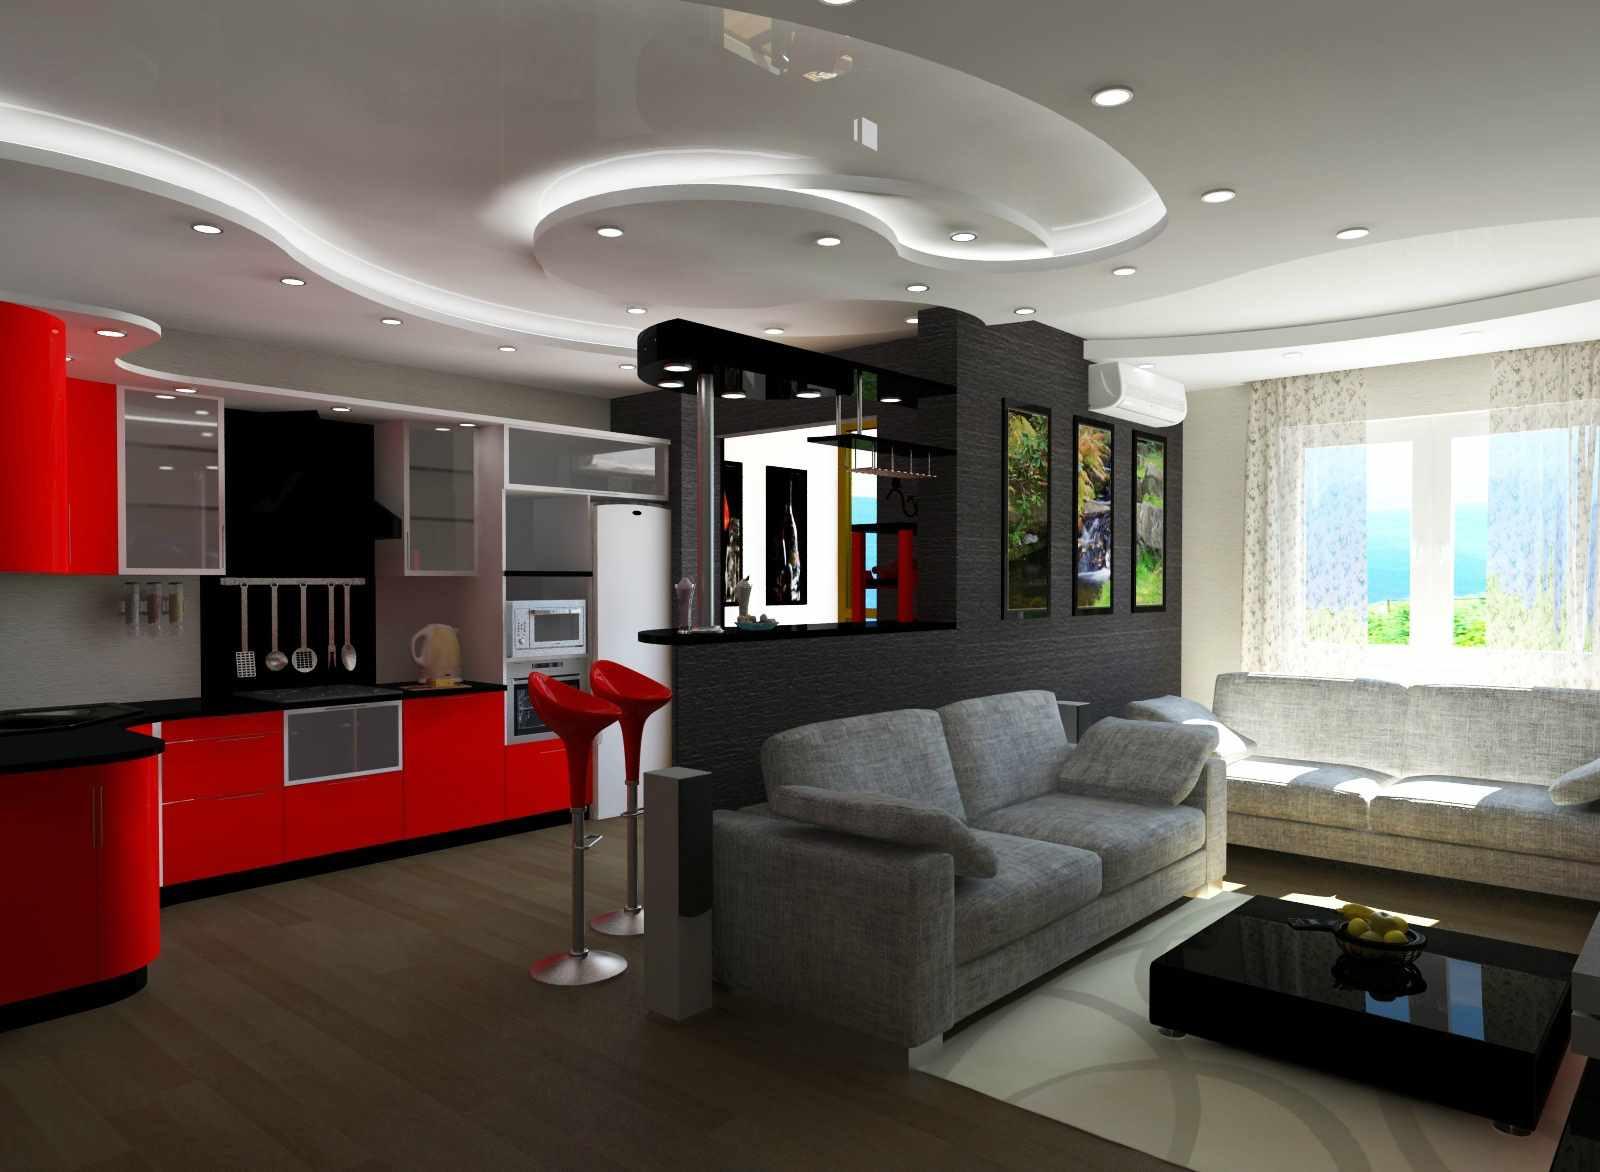 idée de design lumineux d'un salon de 25 m²